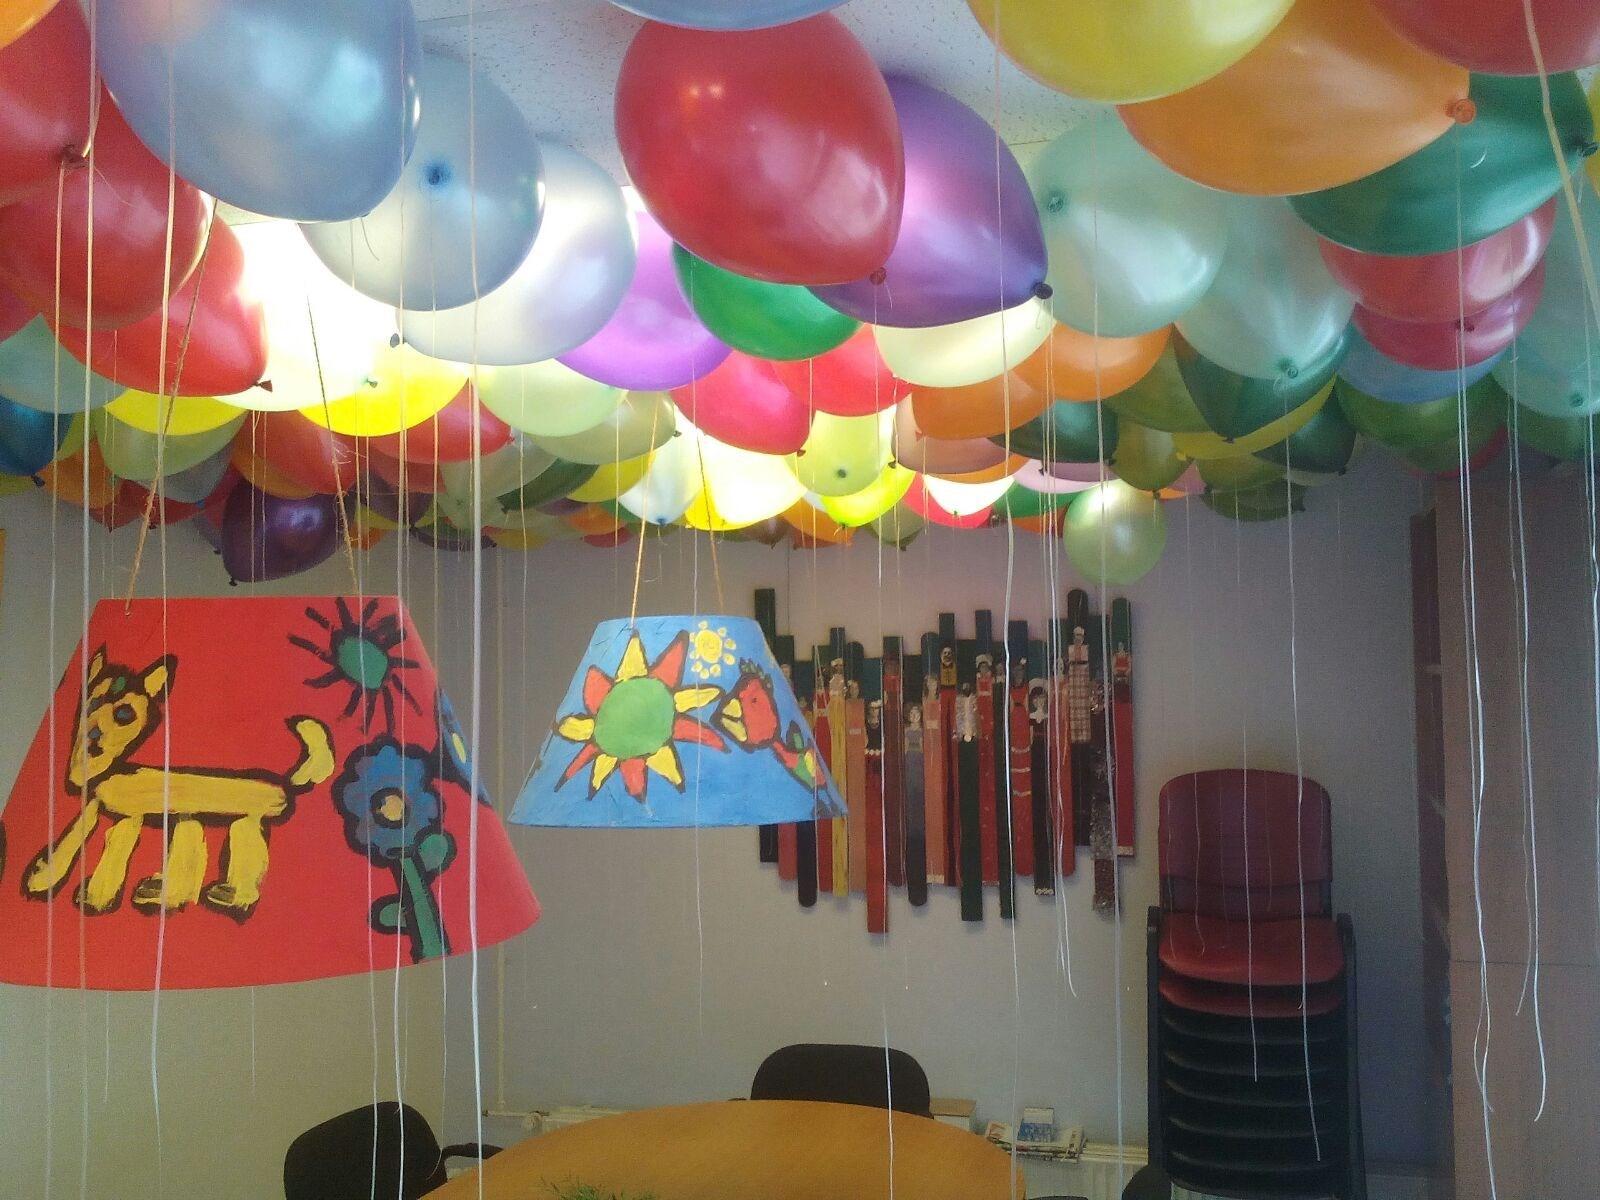 Heliumballonnen ballonnenpartners for Ballonnen decoratie zelf maken